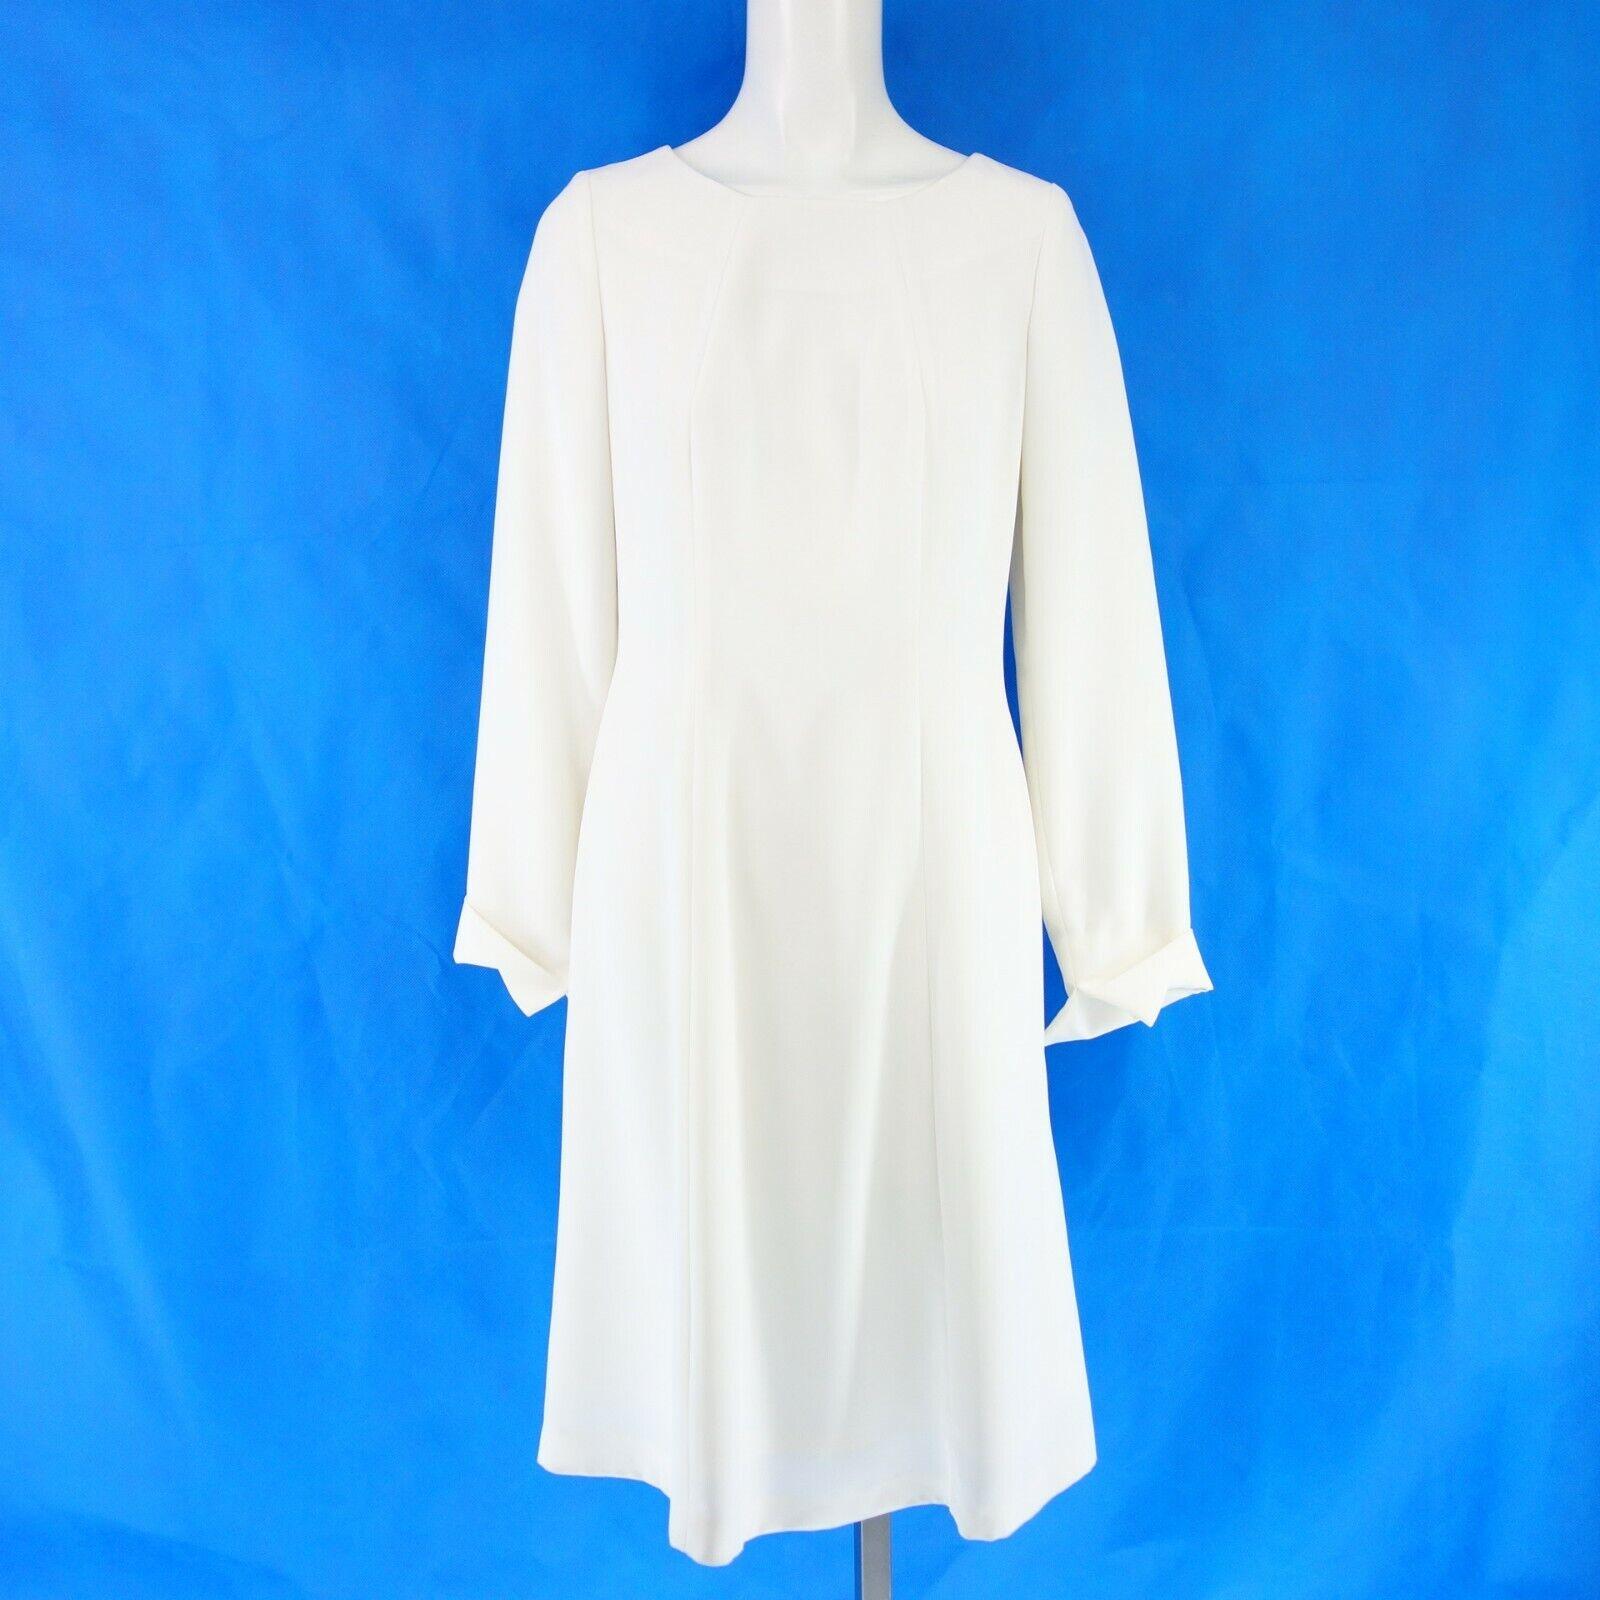 BETTINA SCHOENBACH Damen Kleid Gr 34 36 Weiß Schwingend A Linie Festlich NEU